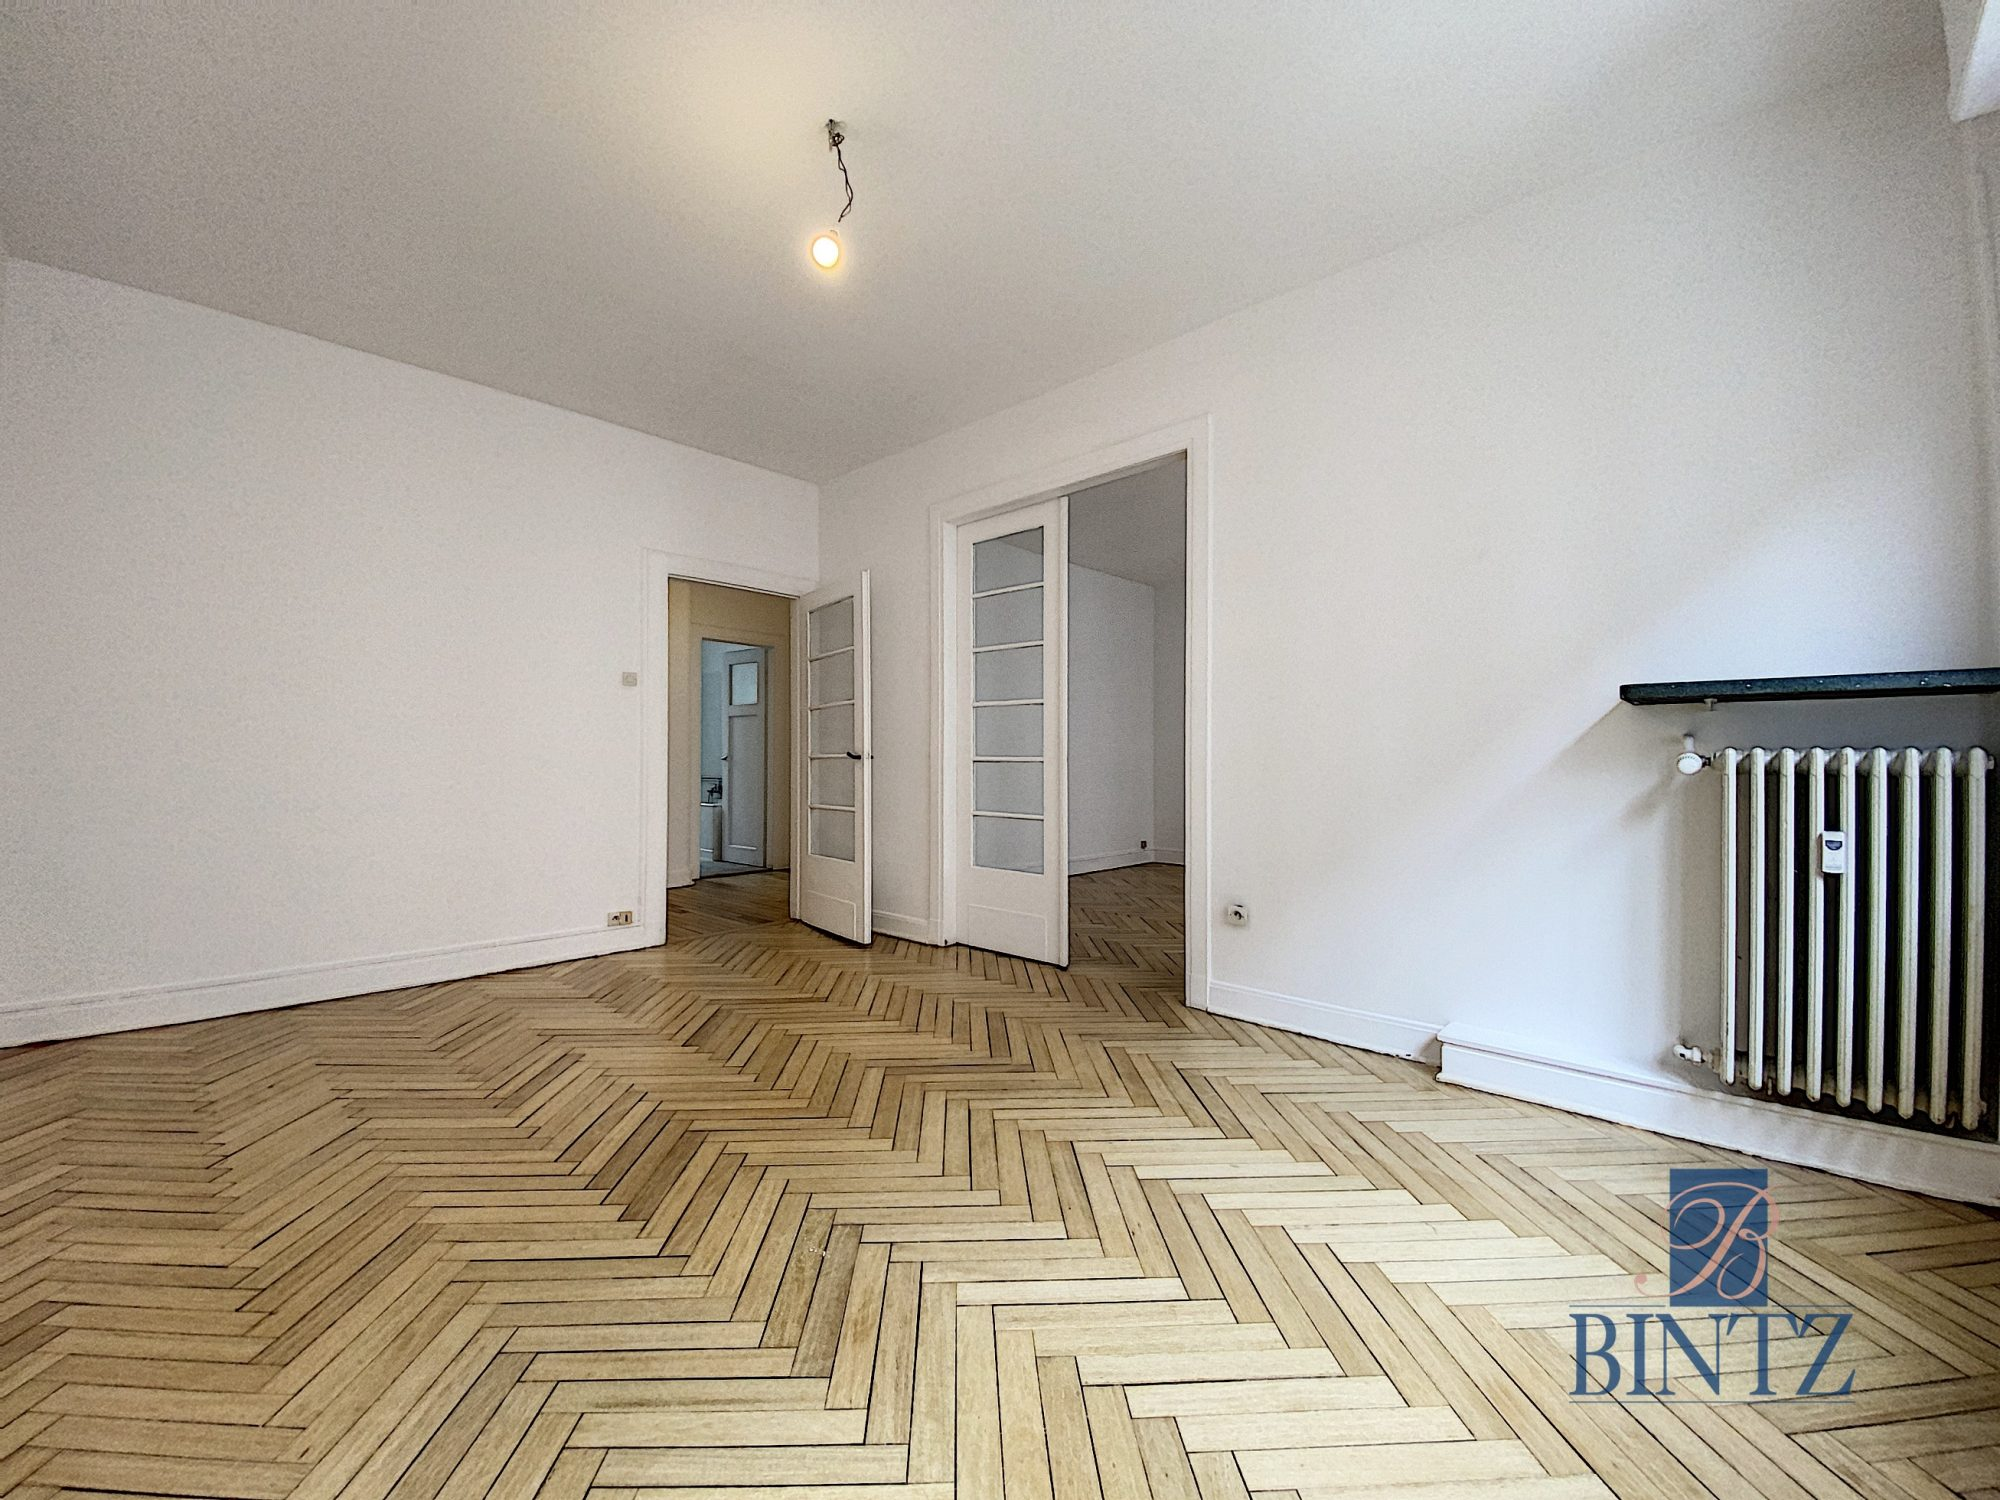 2 PIÈCES KRUTENAU - Devenez locataire en toute sérénité - Bintz Immobilier - 13